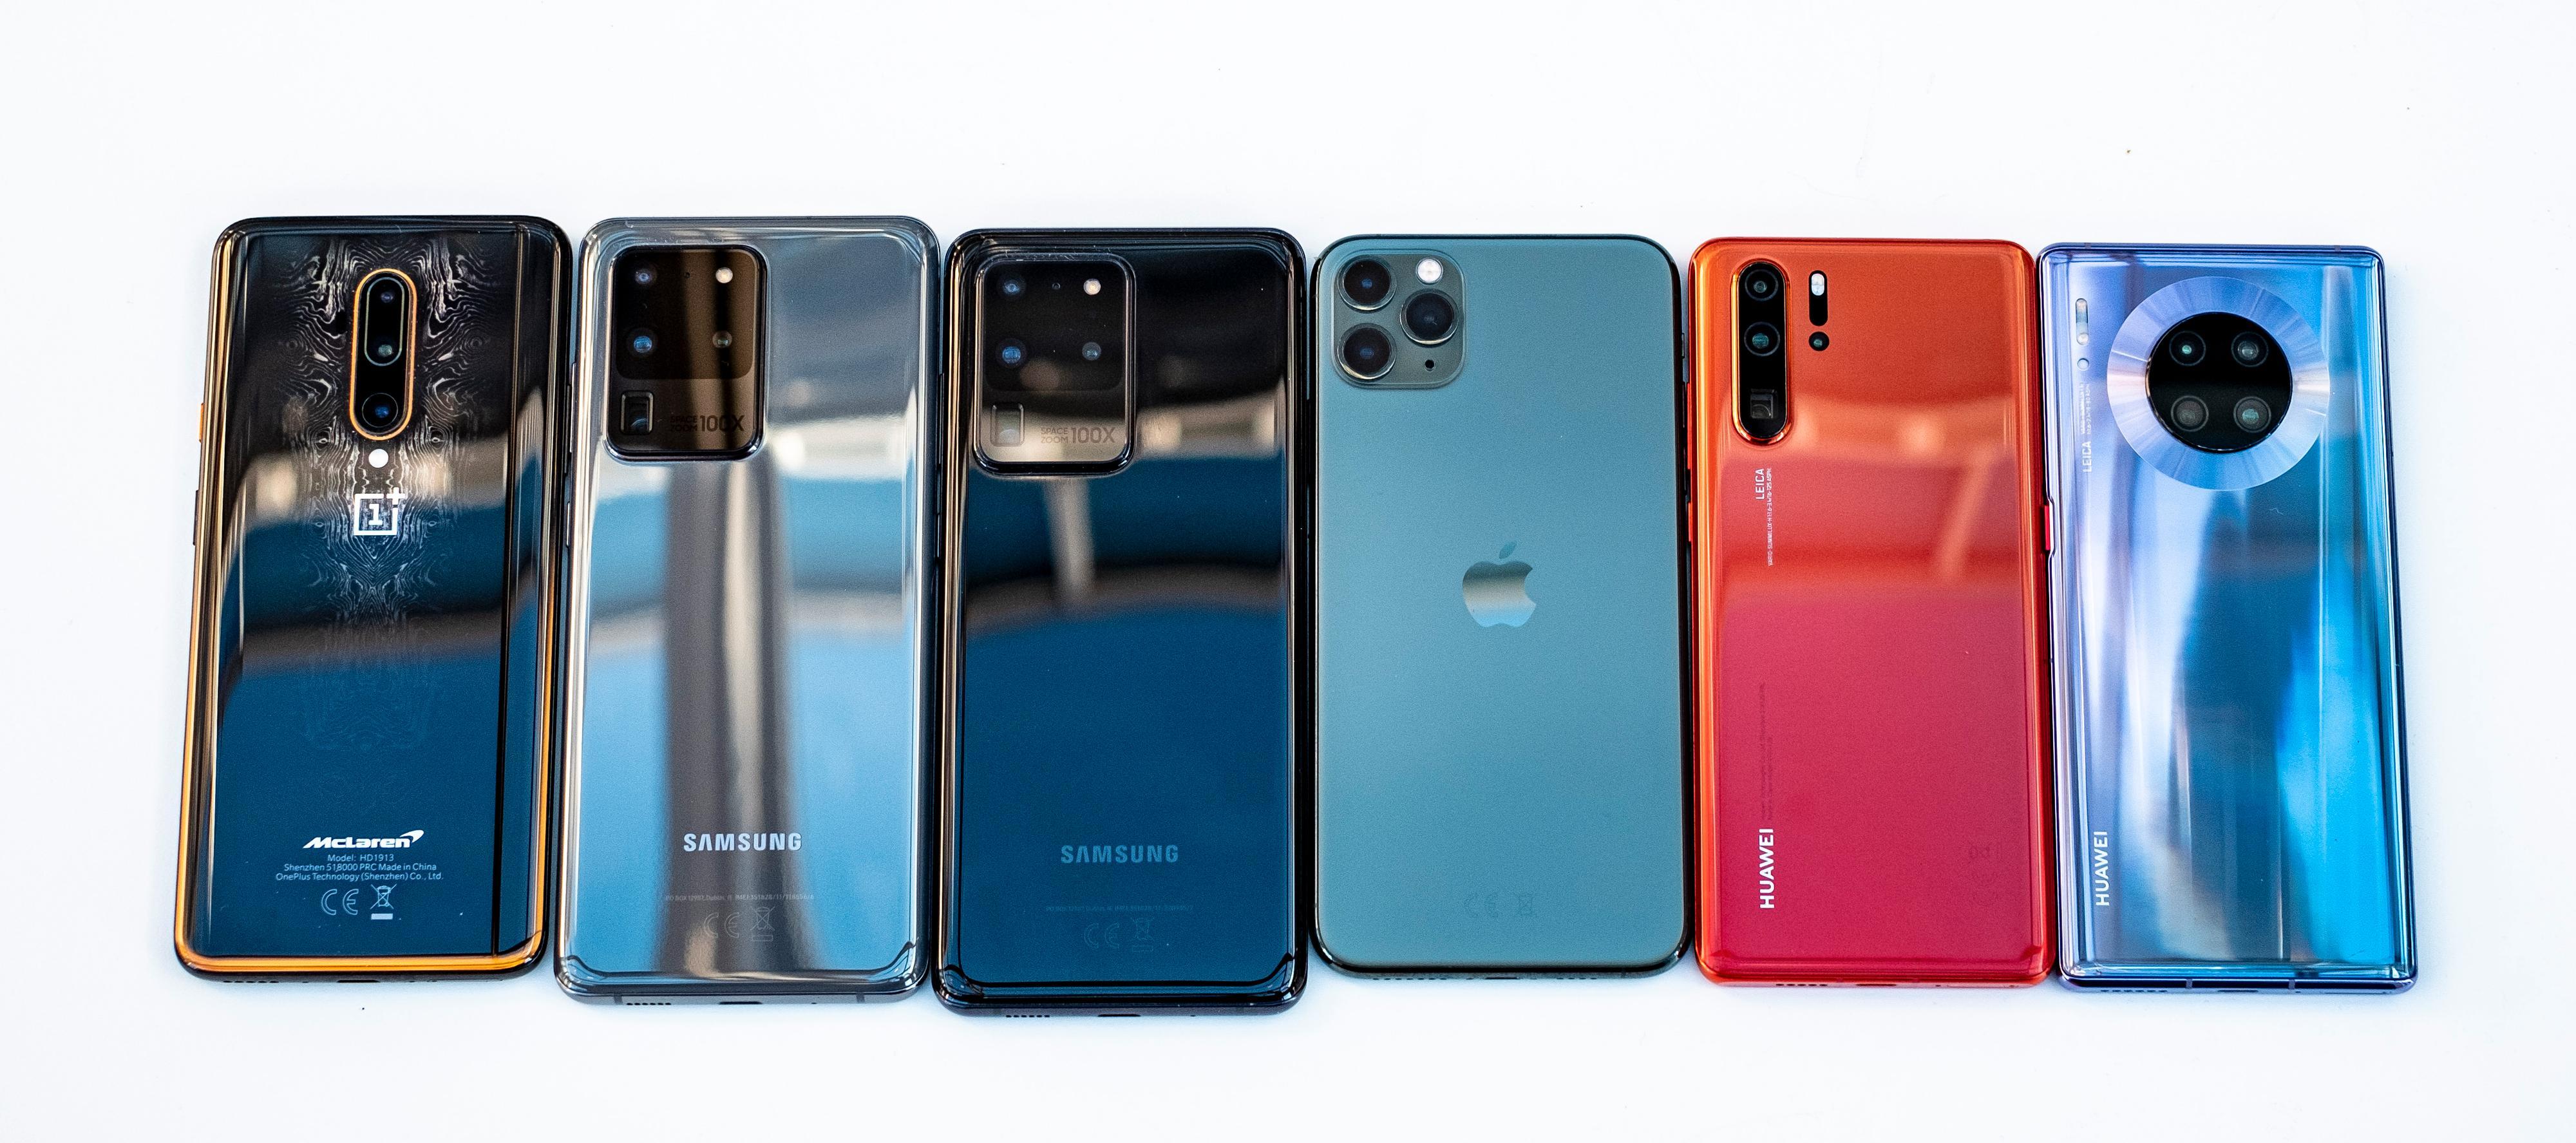 Her er noen av det siste årets viktigste mobiler. Fra venstre: OnePlus 7T Pro, Galaxy S20 Ultra i grått og svart, Apple iPhone 11 Pro Max, Huawei  P30 Pro, Huawei Mate 30 Pro.